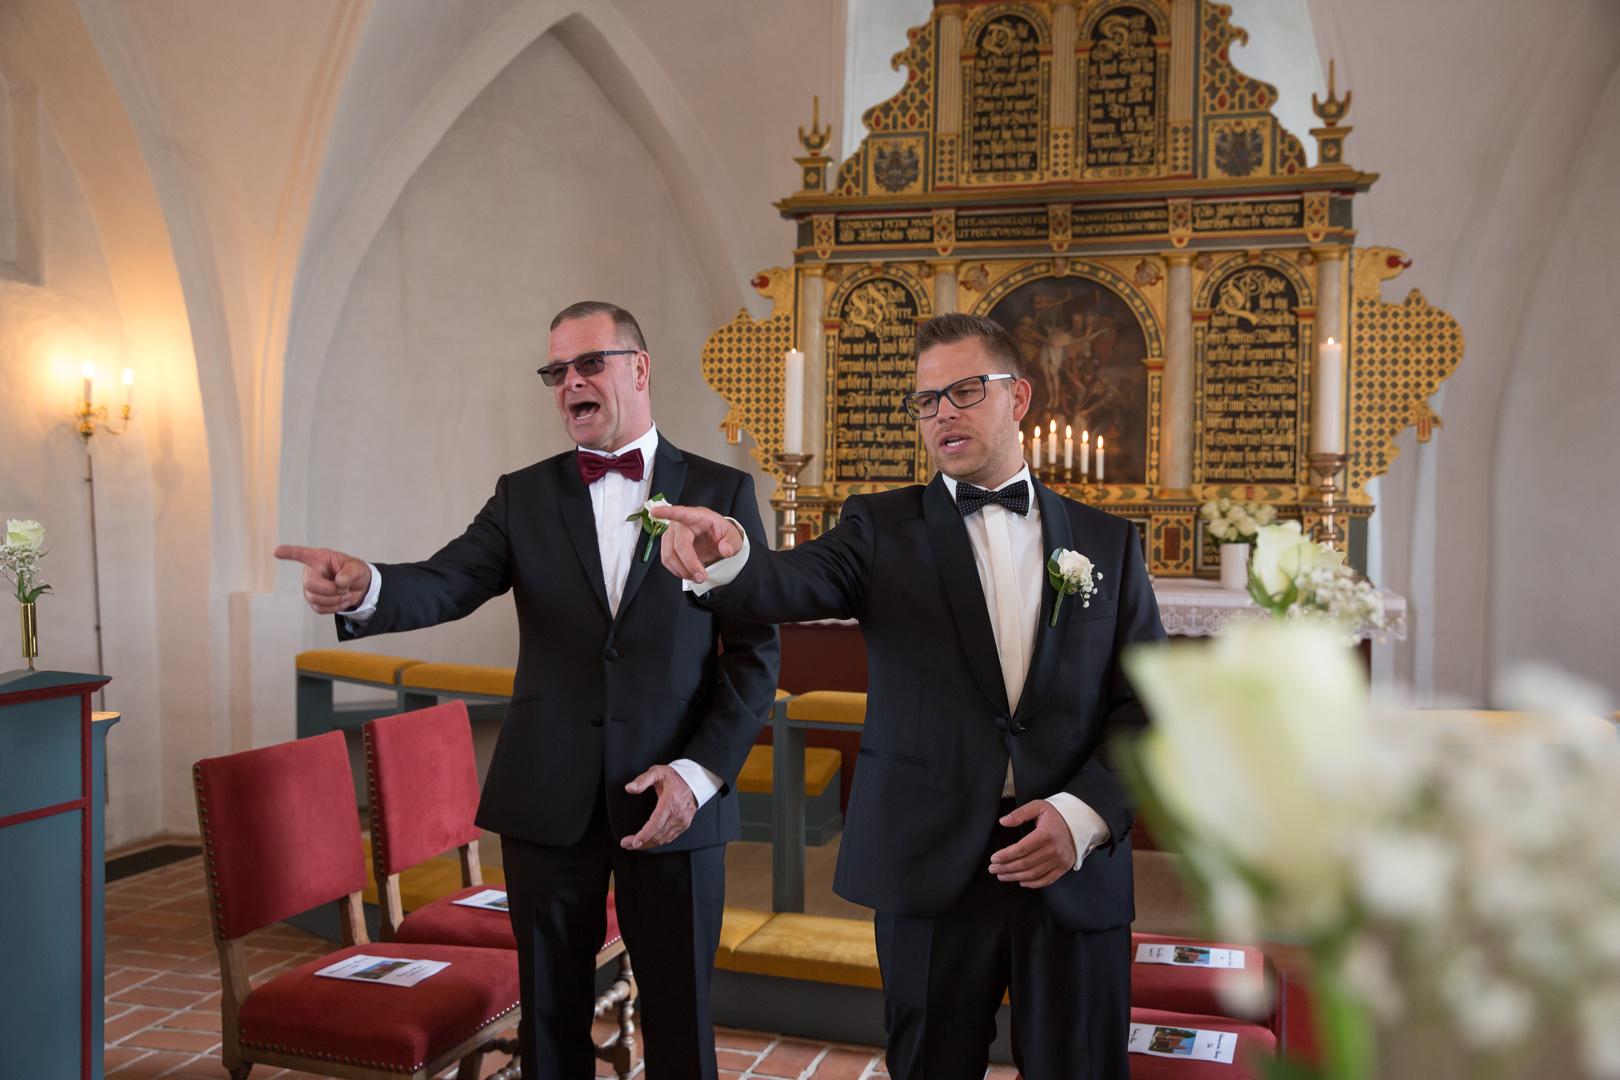 gom og far venter i kirken, peger på det samme